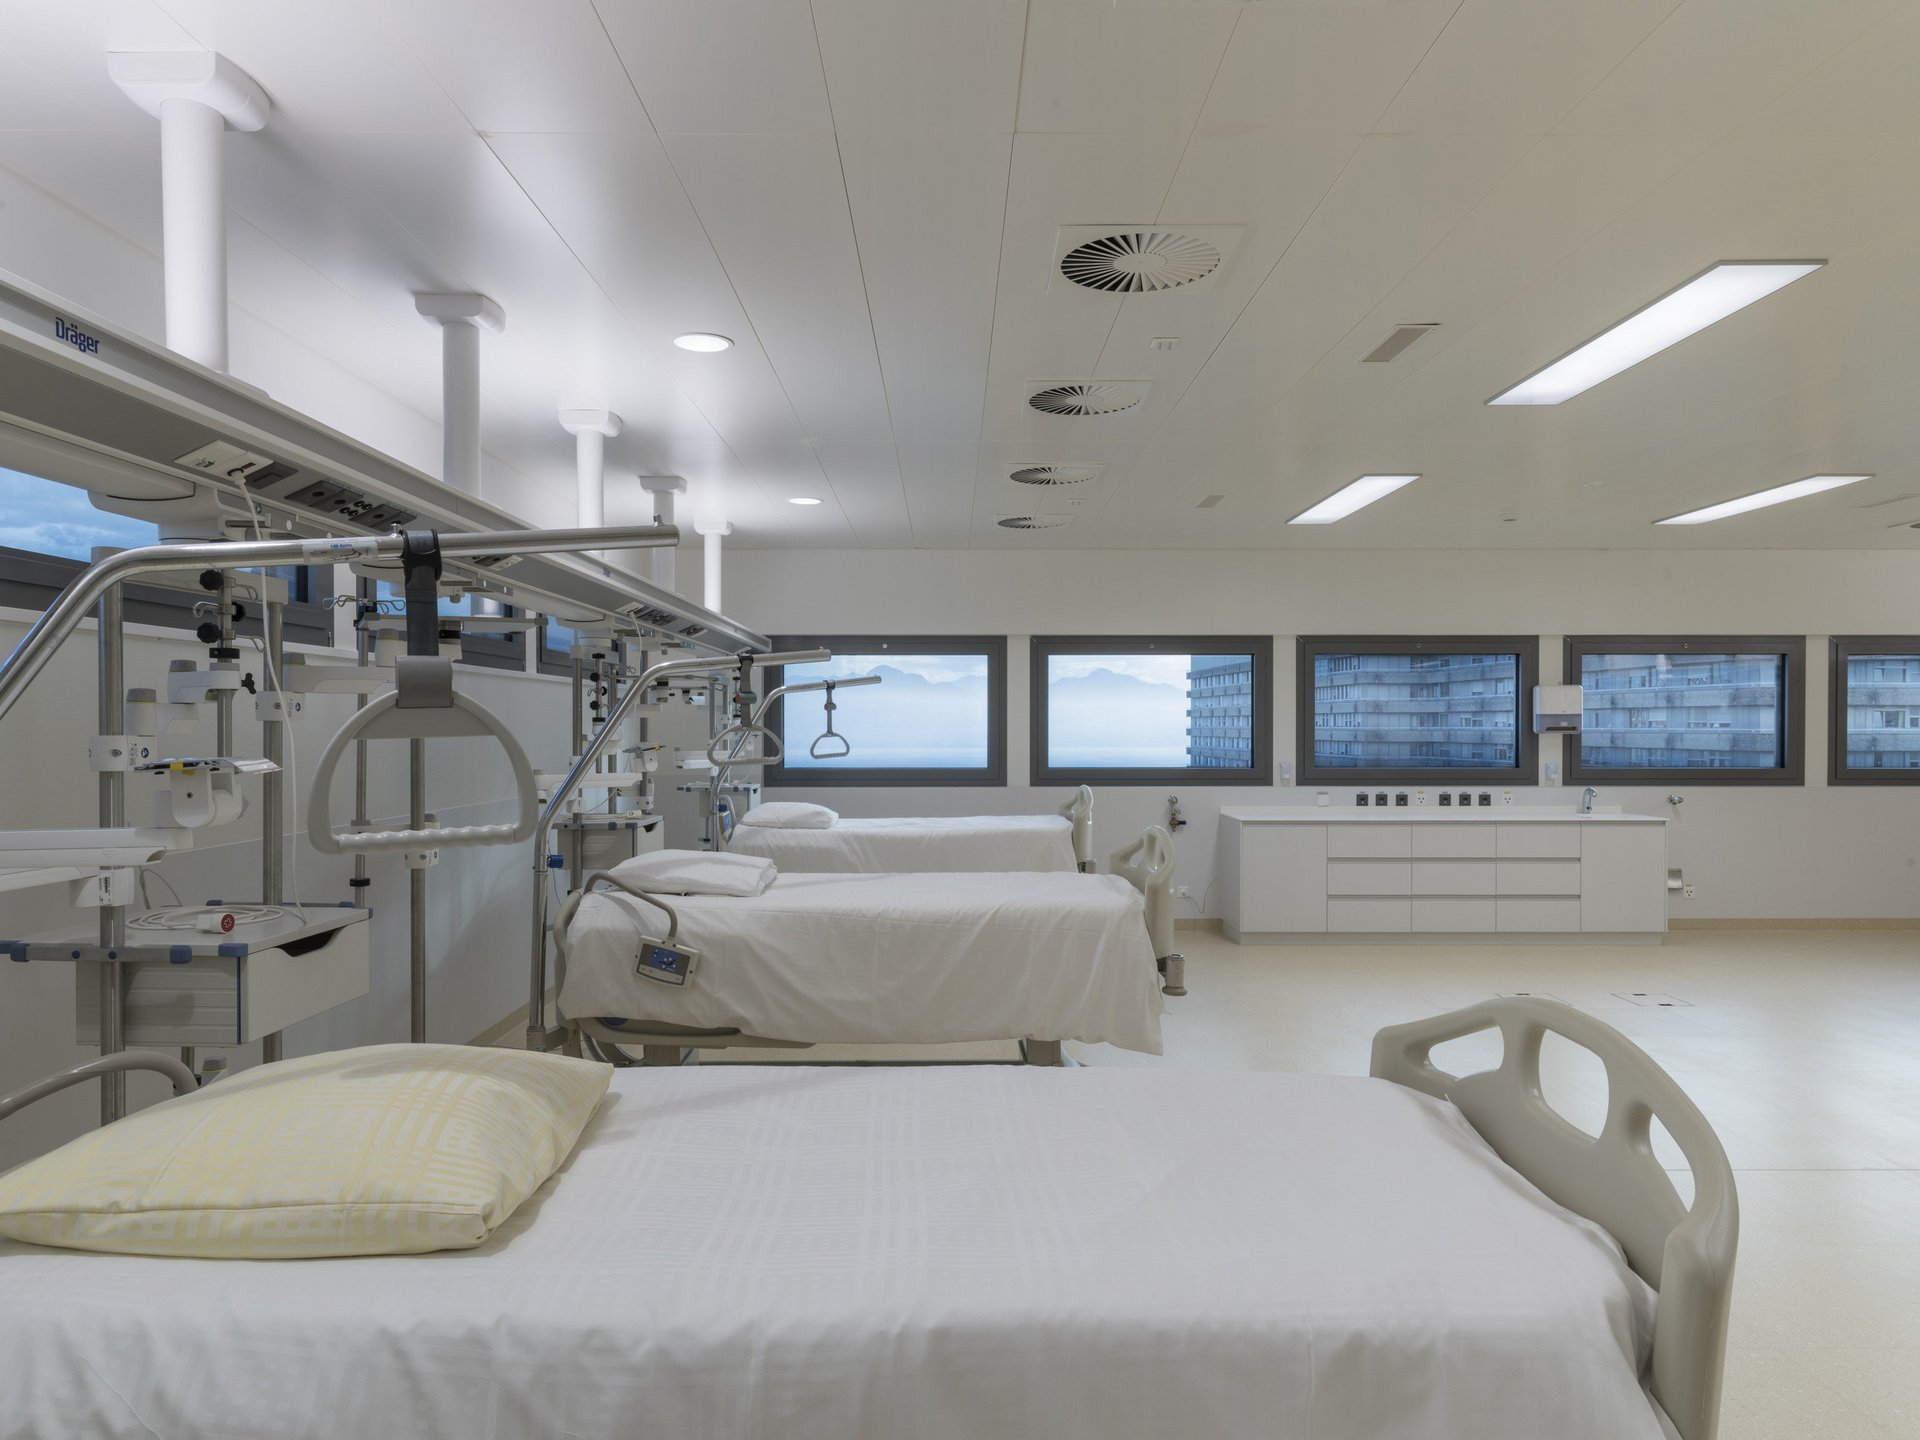 Bettenstation im Spital in hellem und modernen Design